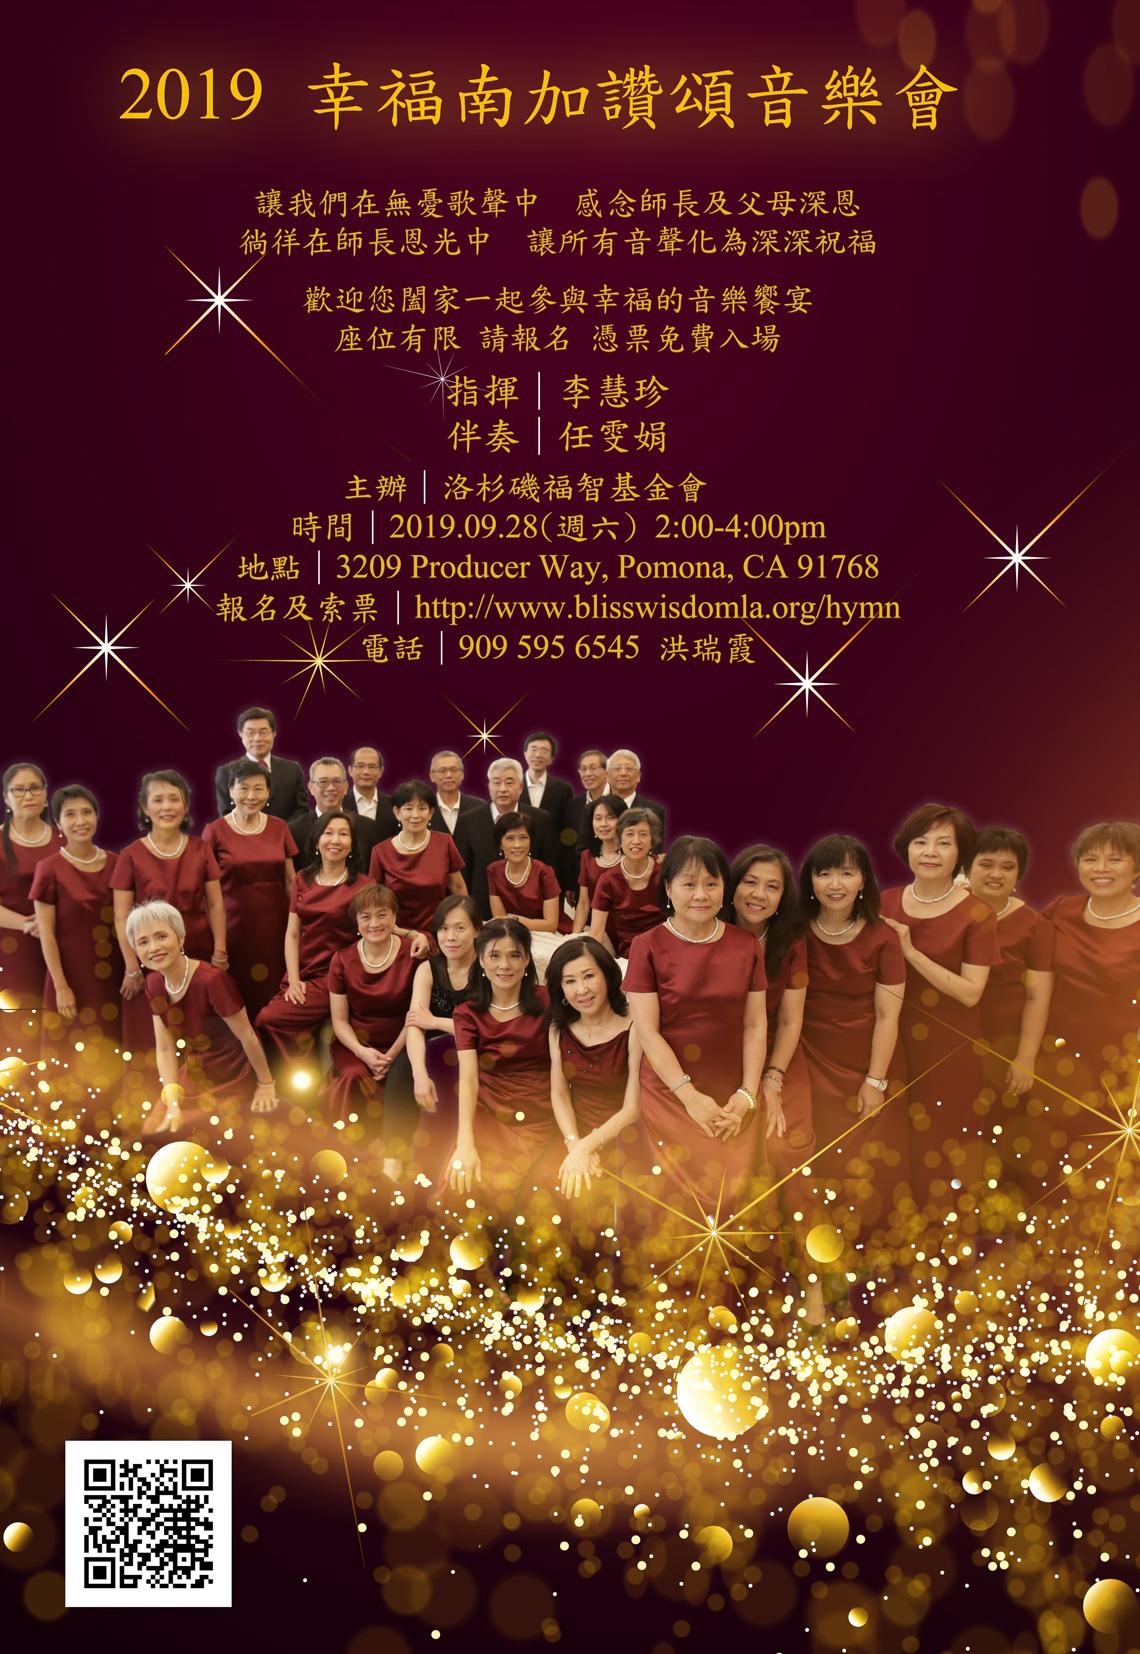 2019 幸福南加讚頌音樂會 9/28 Hymn